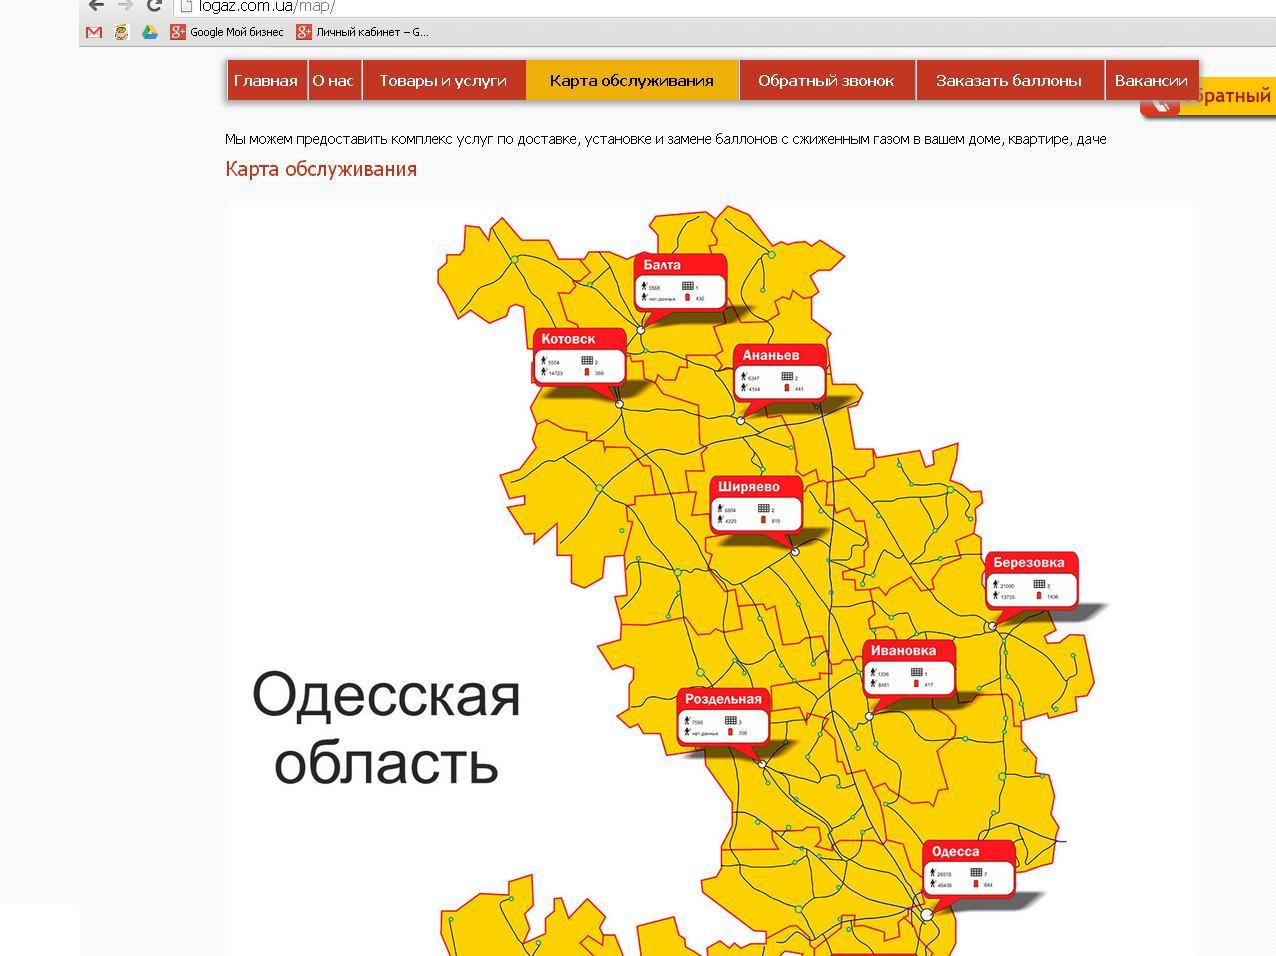 На сайте есть карта